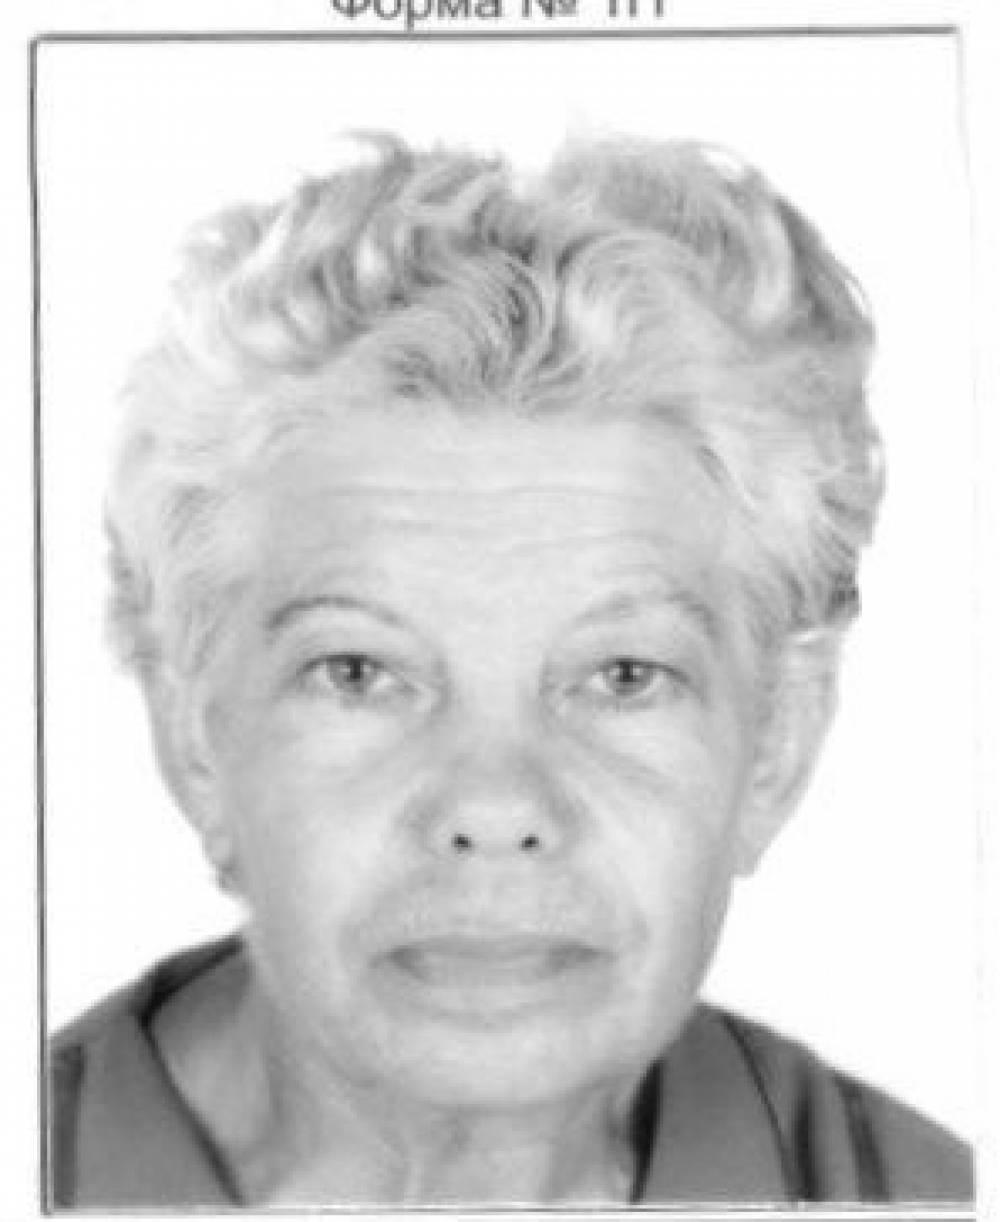 В Керчи разыскивают без вести пропавшую пенсионерку